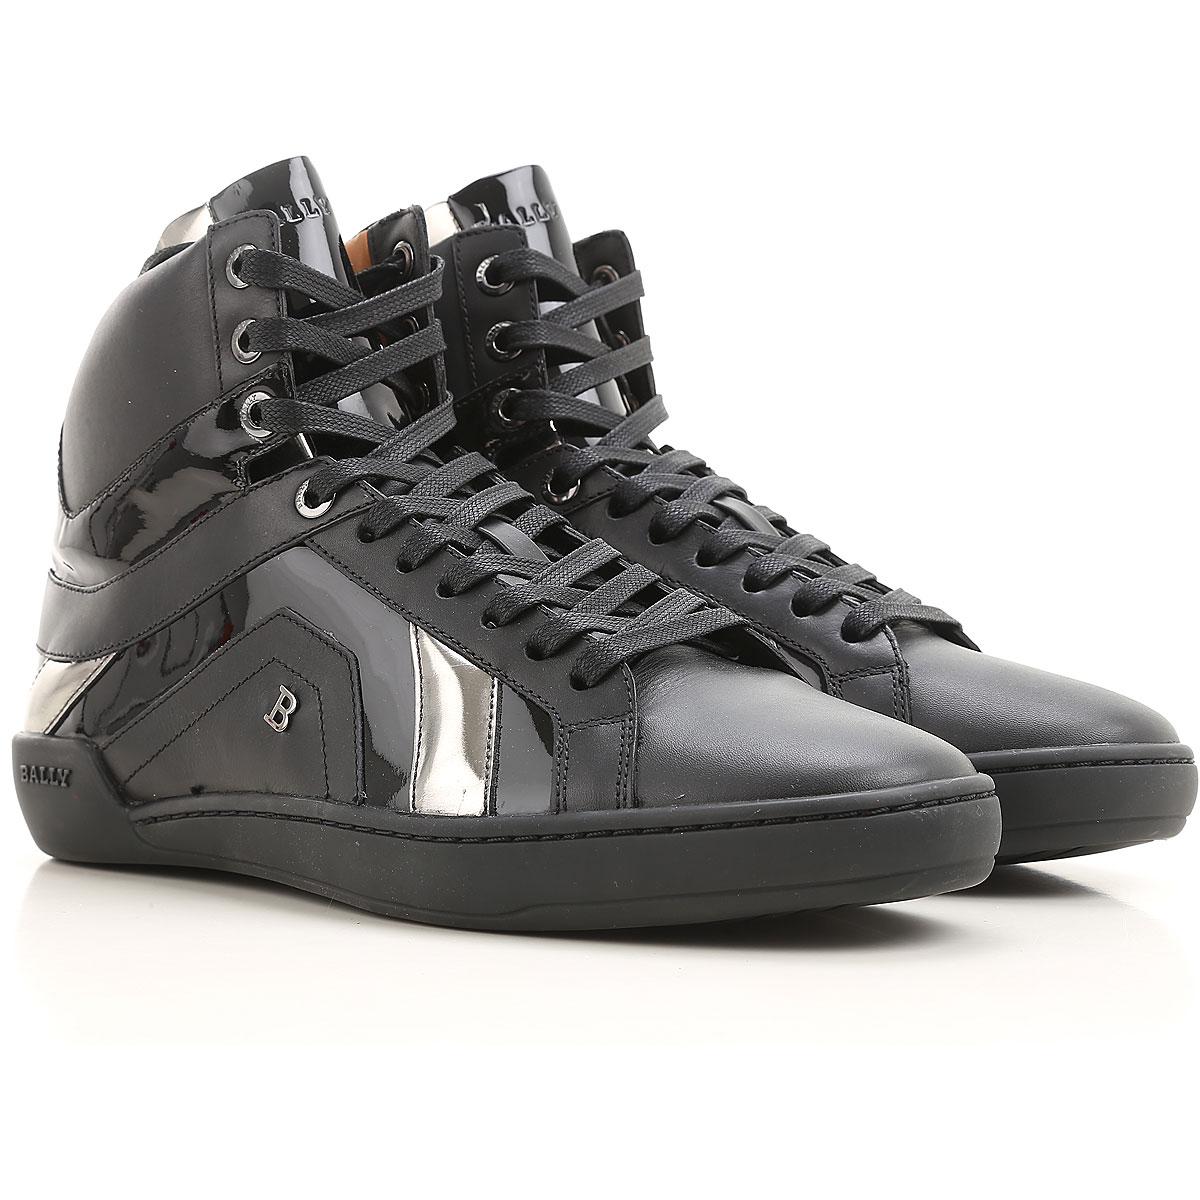 678ebf9d77a ... Zapatillas Deportivas   Zapatos Bally   OFERTAS LIMITADAS. PANTALLA  COMPLETA. 1) Presionar y Girar Manualmente 2) Doble Clic para Girar  Automaticamente